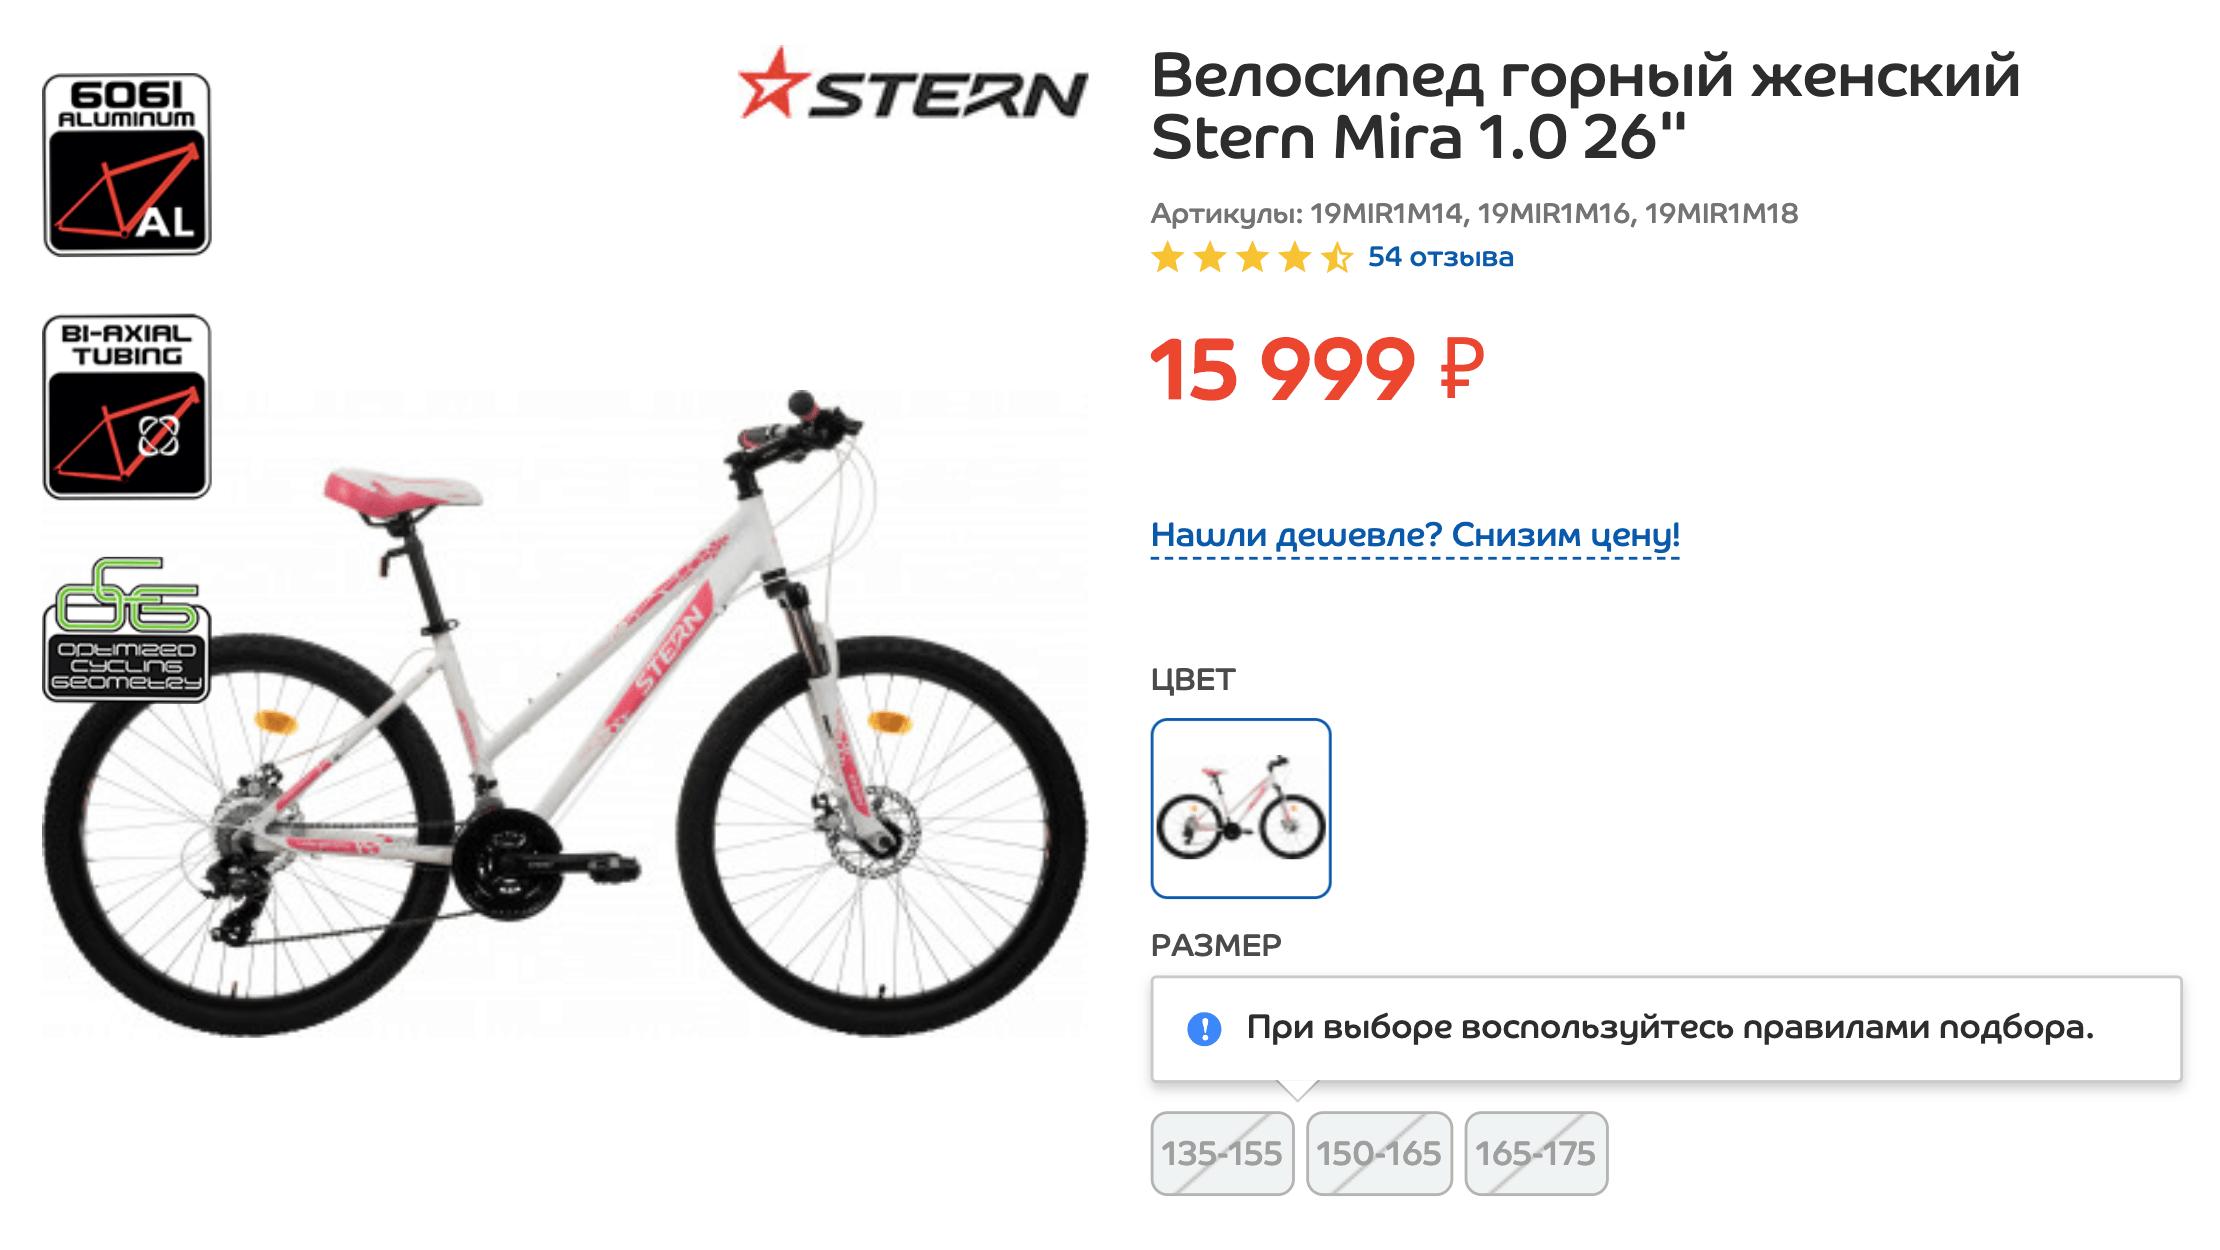 Велосипед стоит 16 000<span class=ruble>Р</span>, но 30% от стоимости я оплачу бонусами. Получится 11 200<span class=ruble>Р</span>